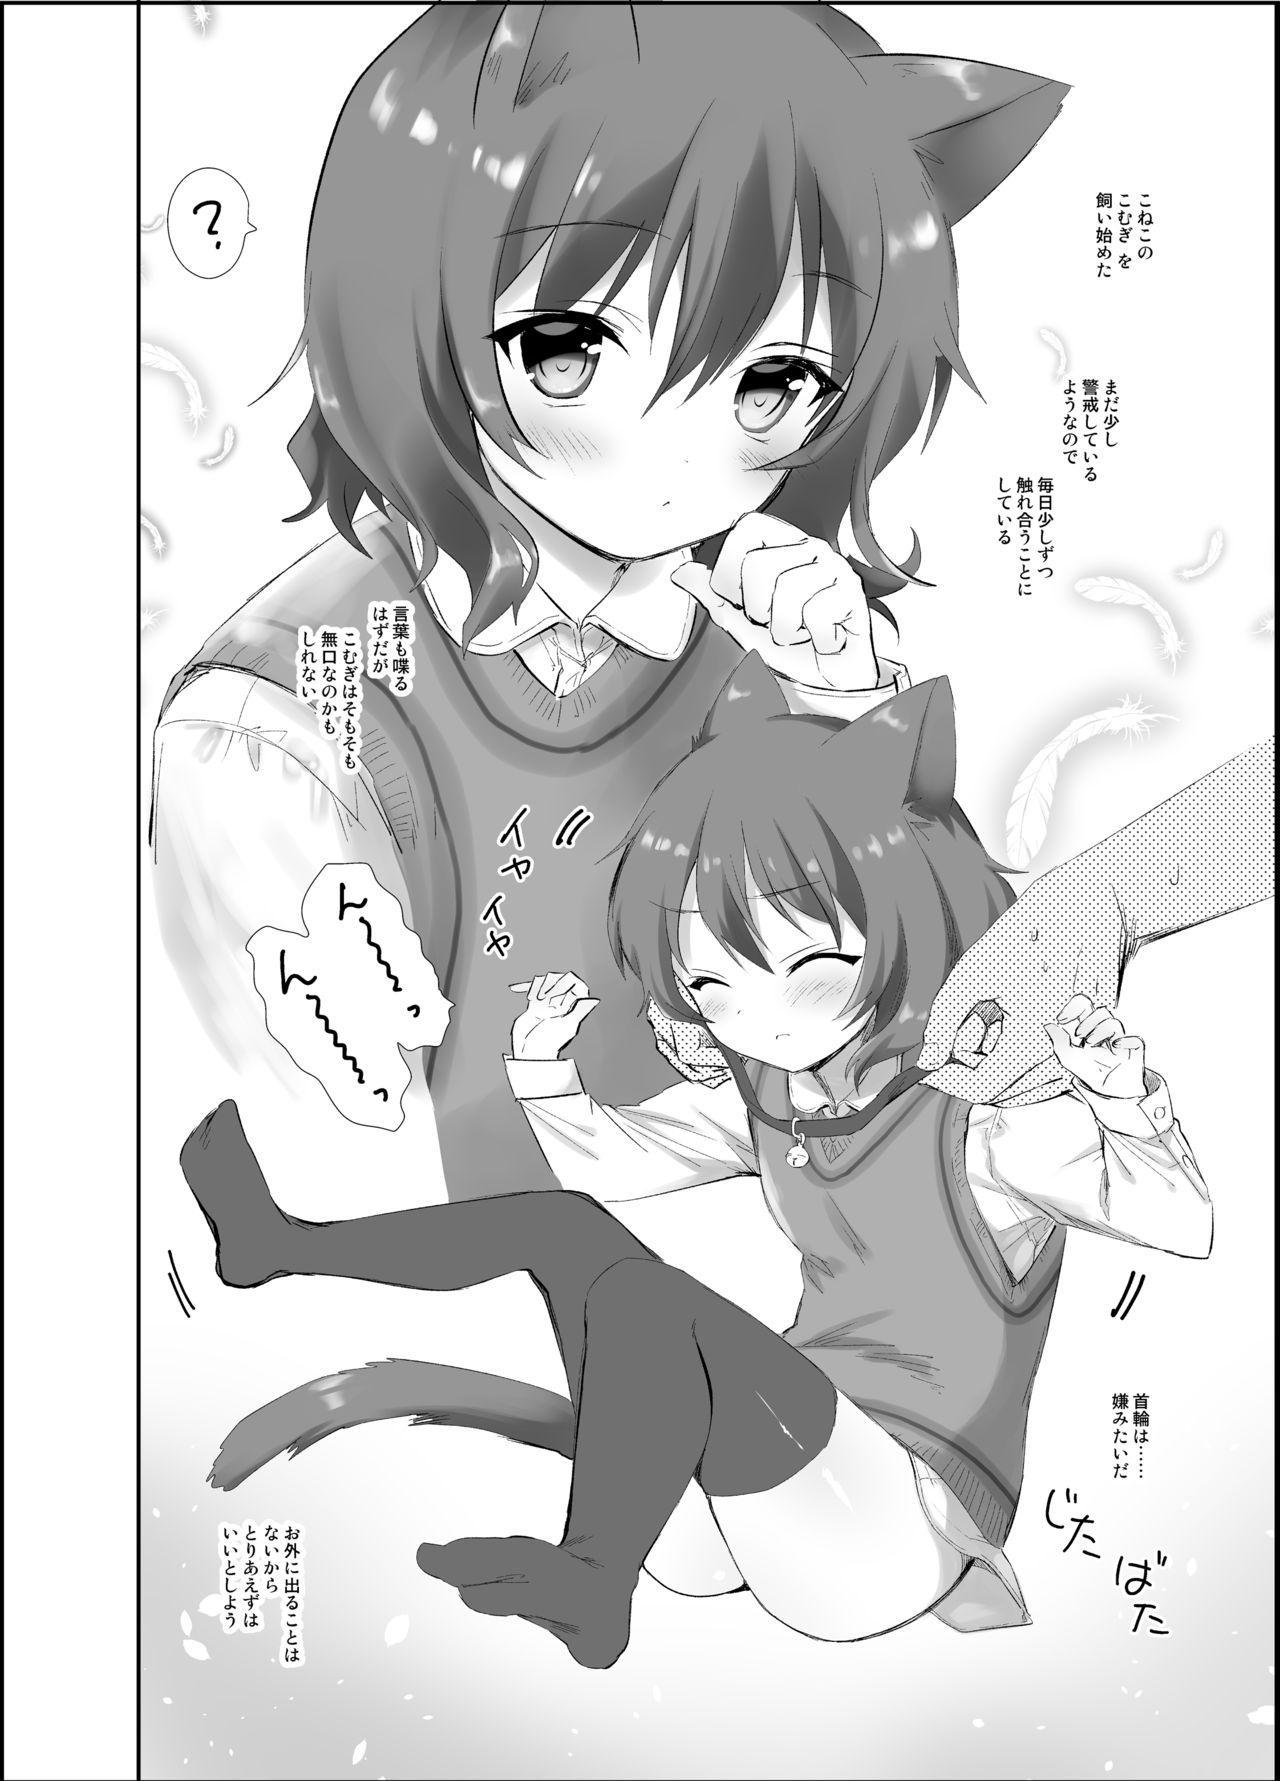 Koneko no Kaikata 2